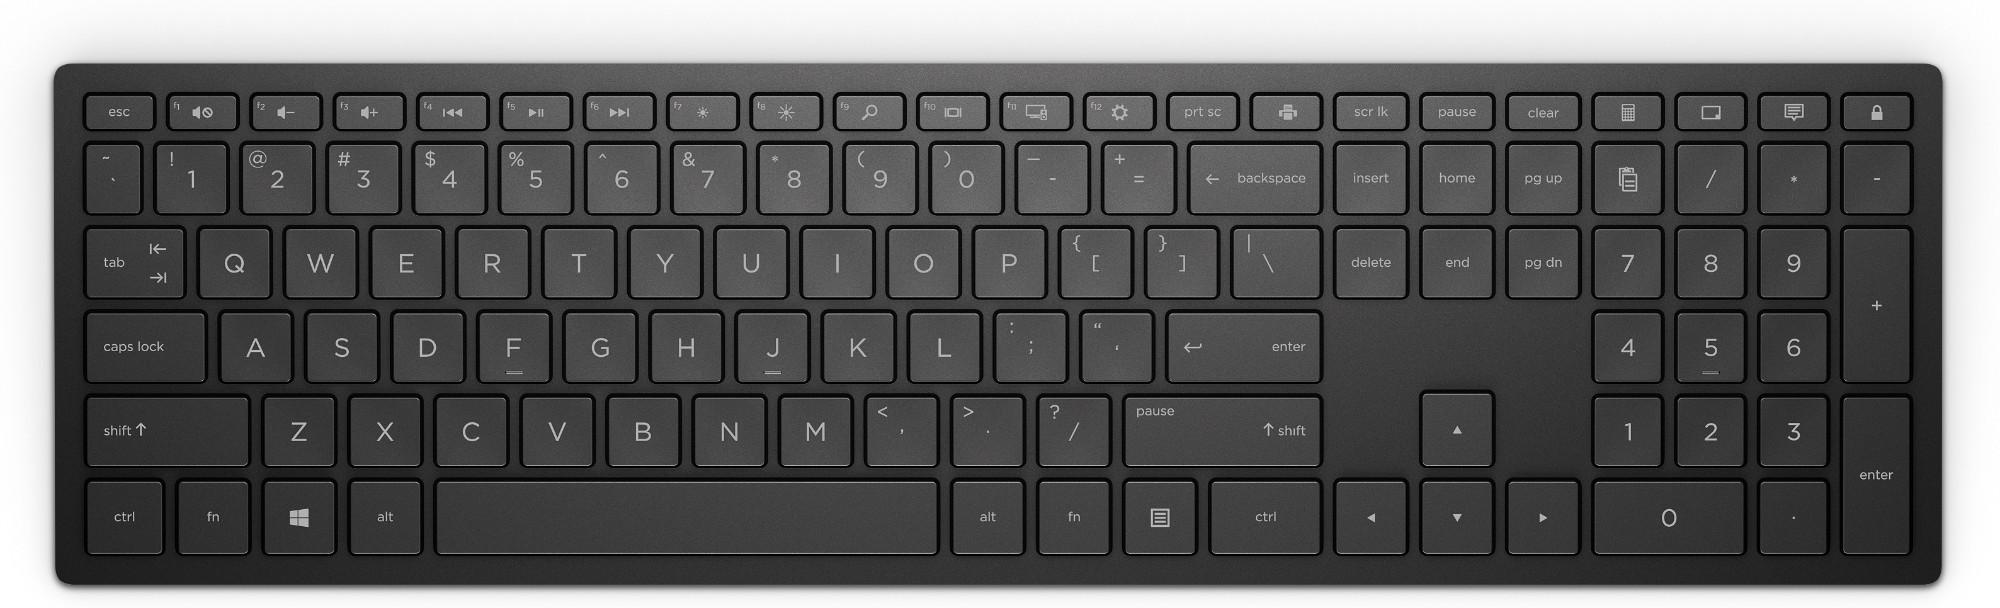 HP Pavilion 600 keyboard RF Wireless Black